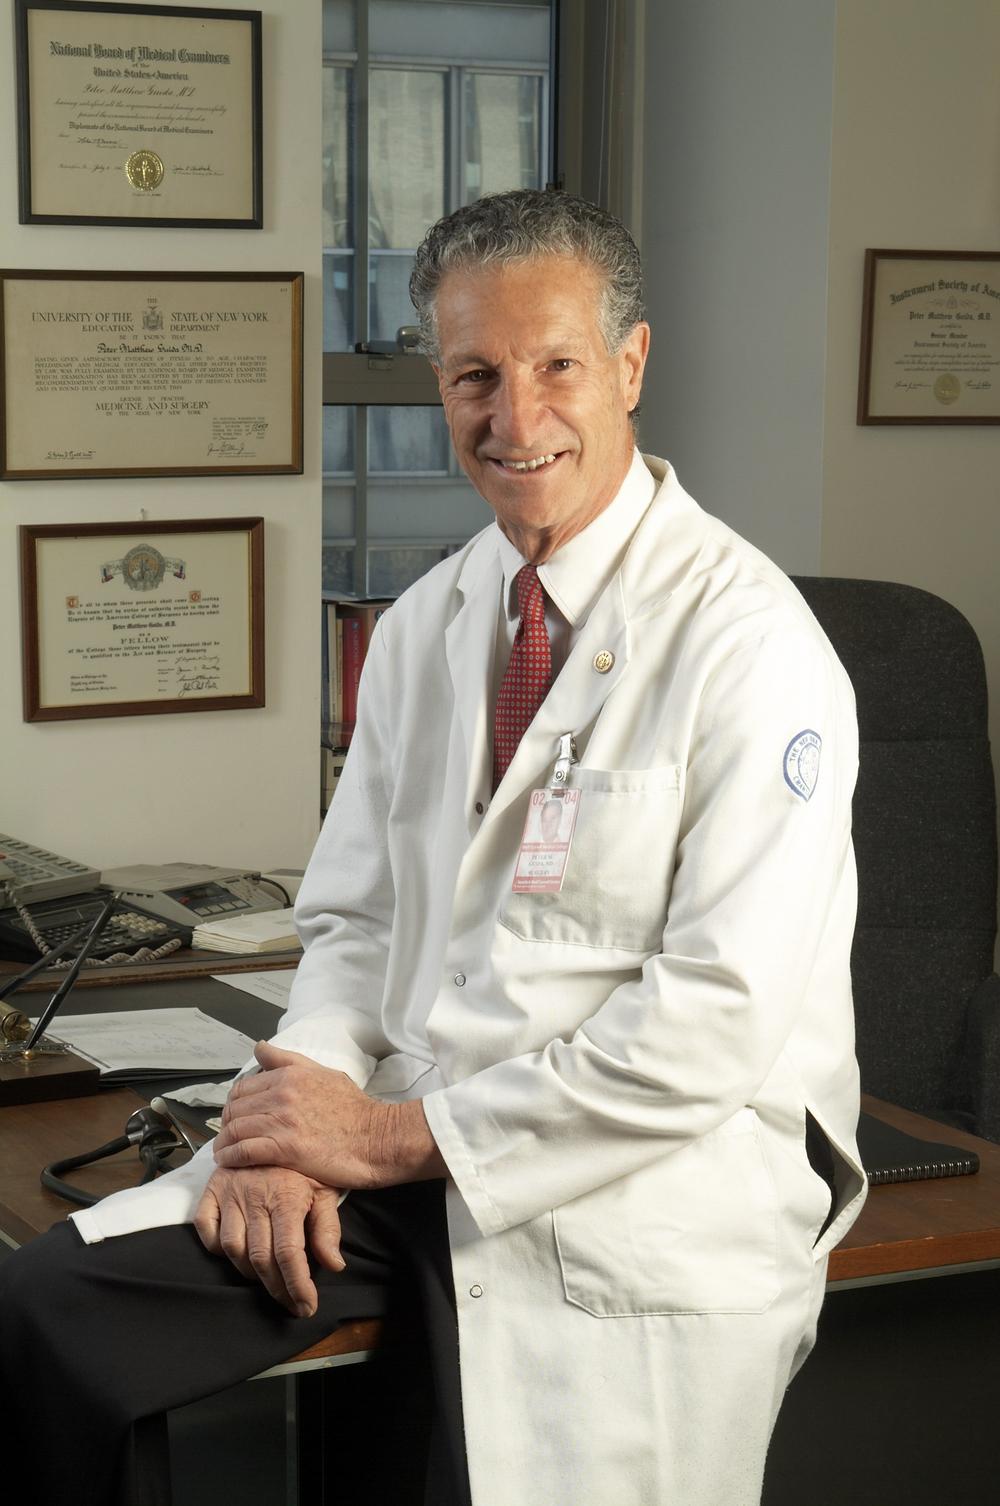 Dr. Peter M. Guida